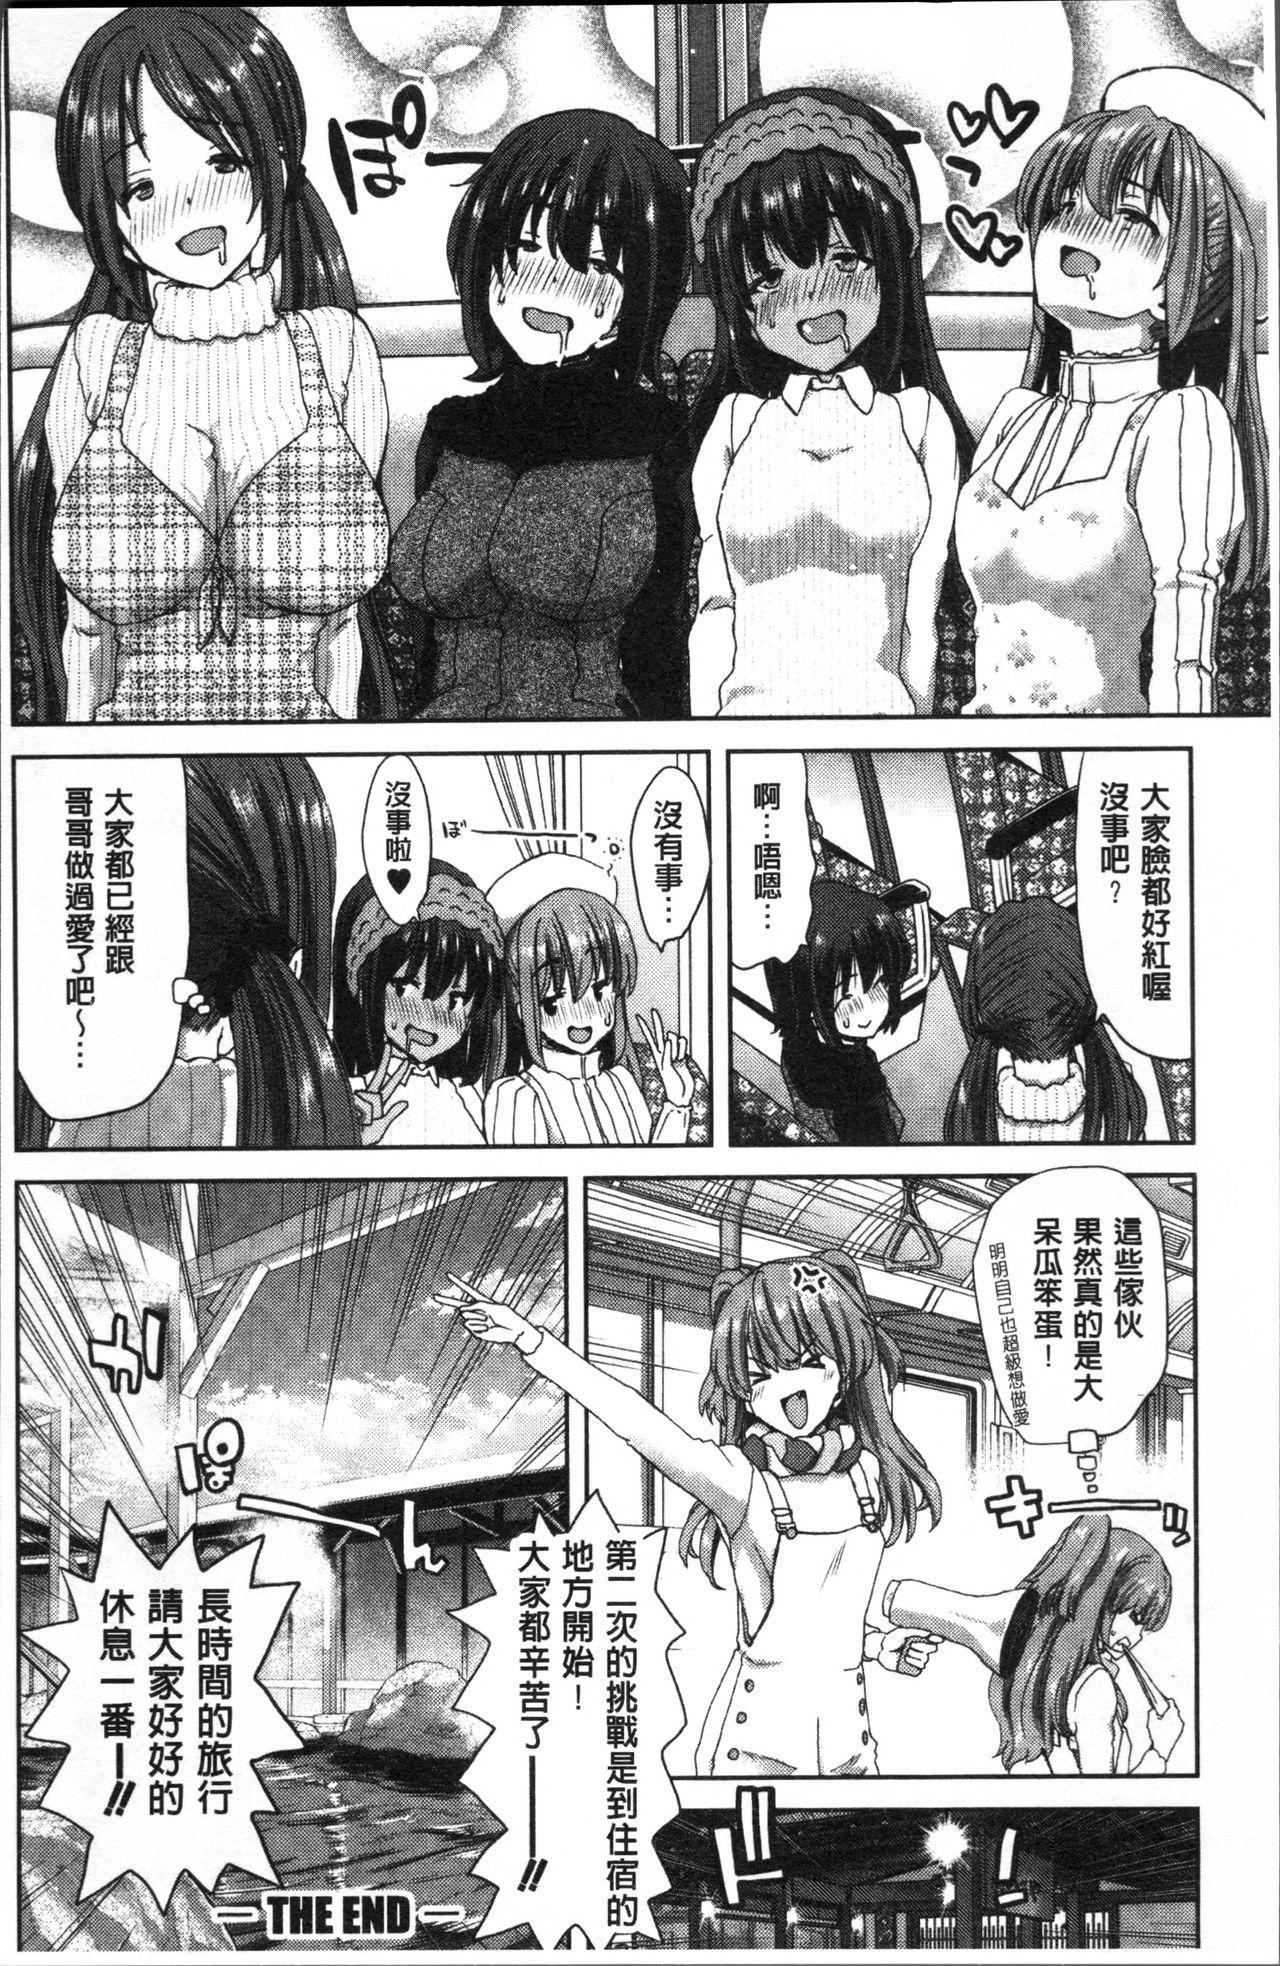 Imouto dakedo Oniichan, H Shiyo! H Shiyo! H Shiyou yo! 182